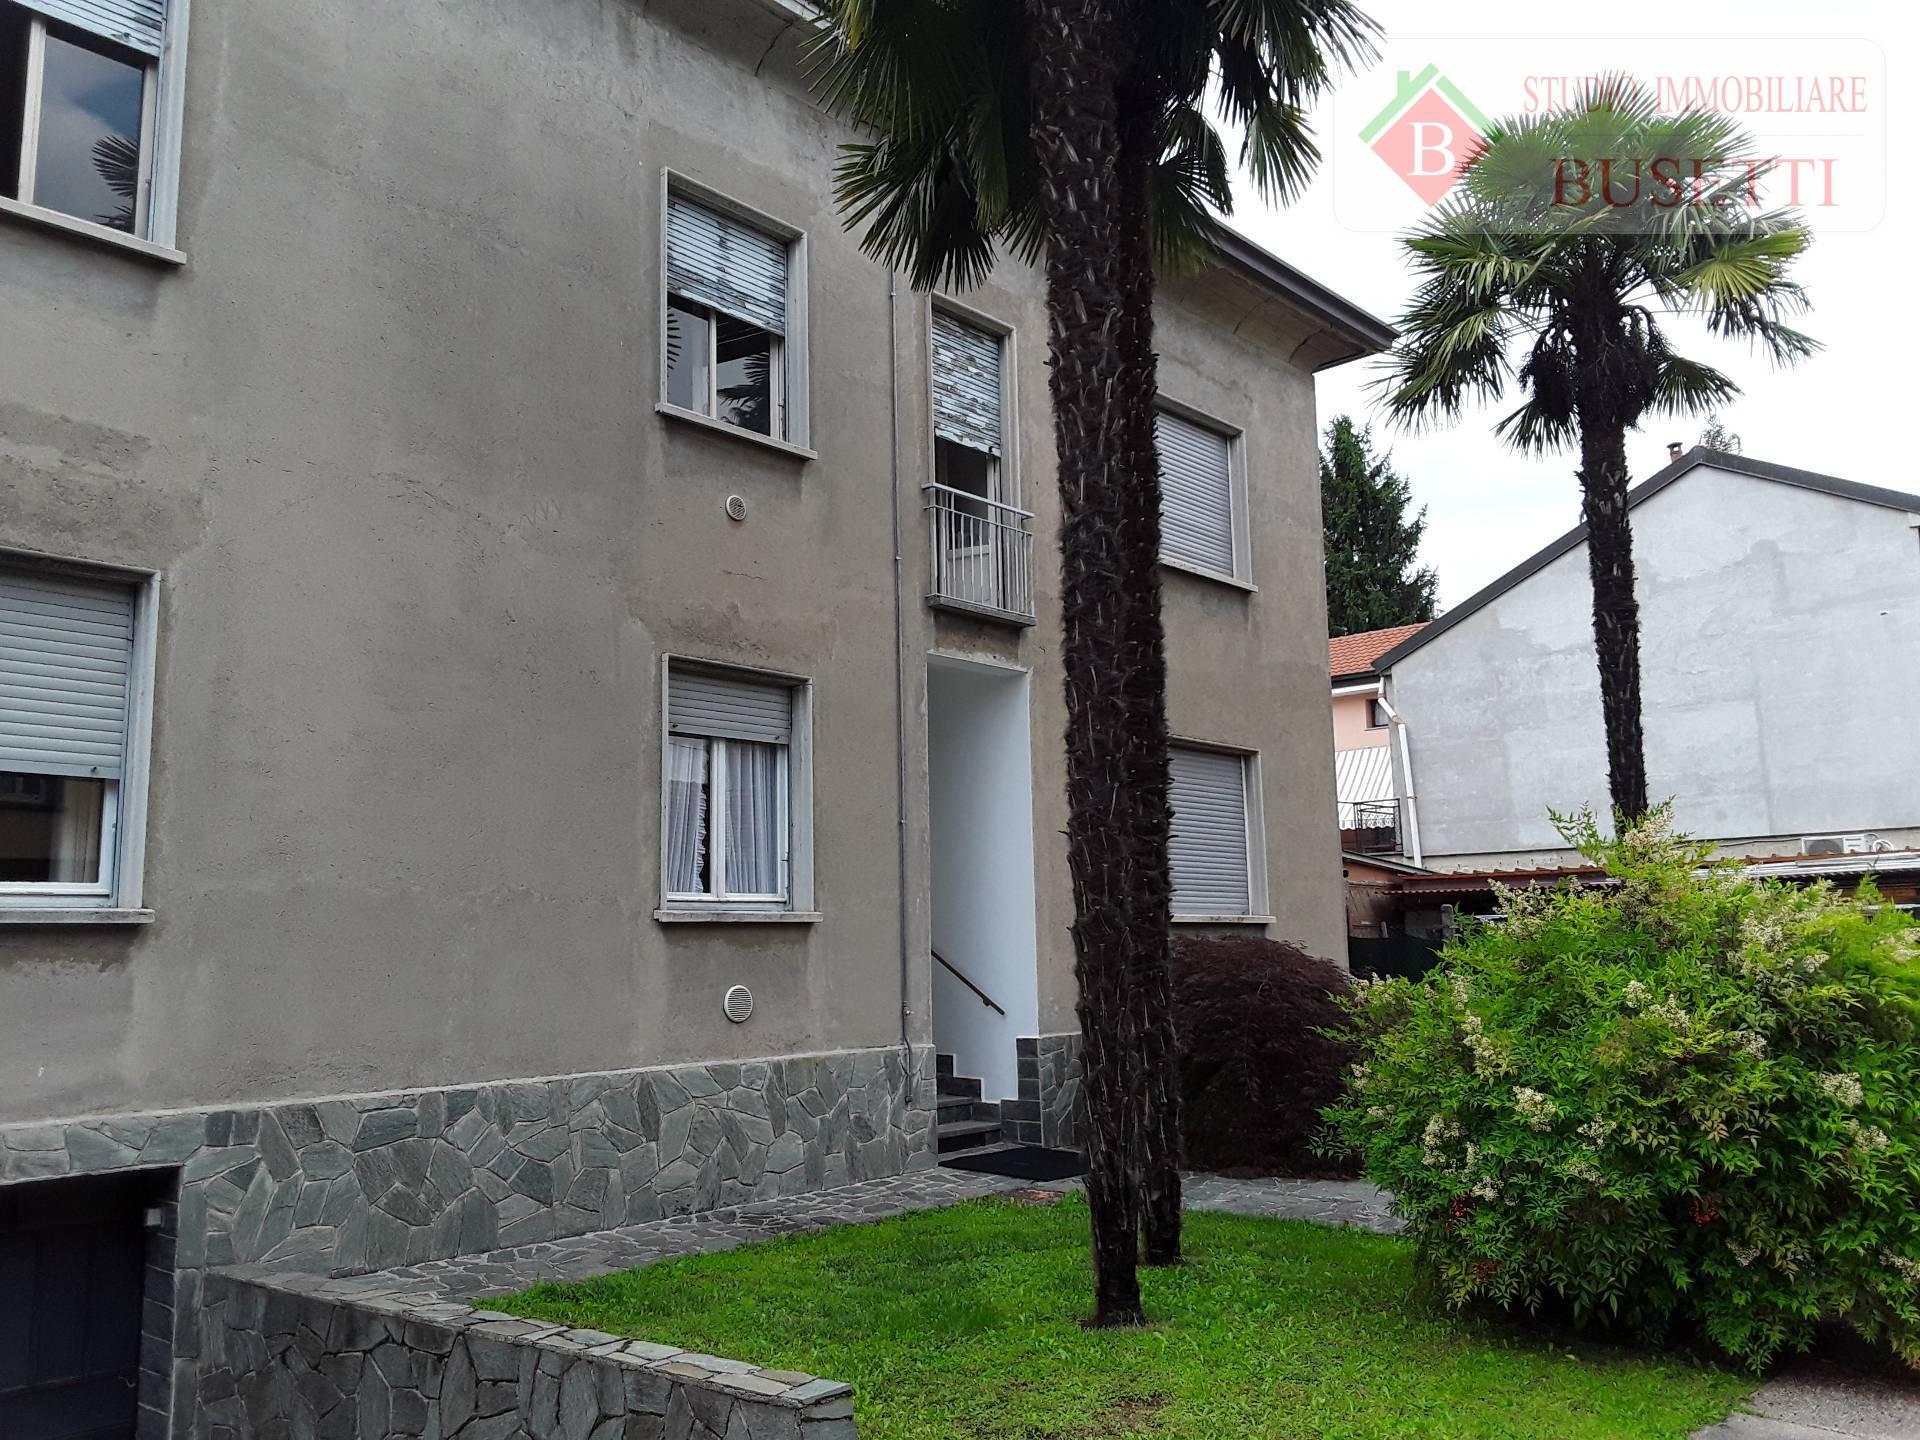 Appartamento in vendita a Cislago, 4 locali, prezzo € 128.000 | CambioCasa.it